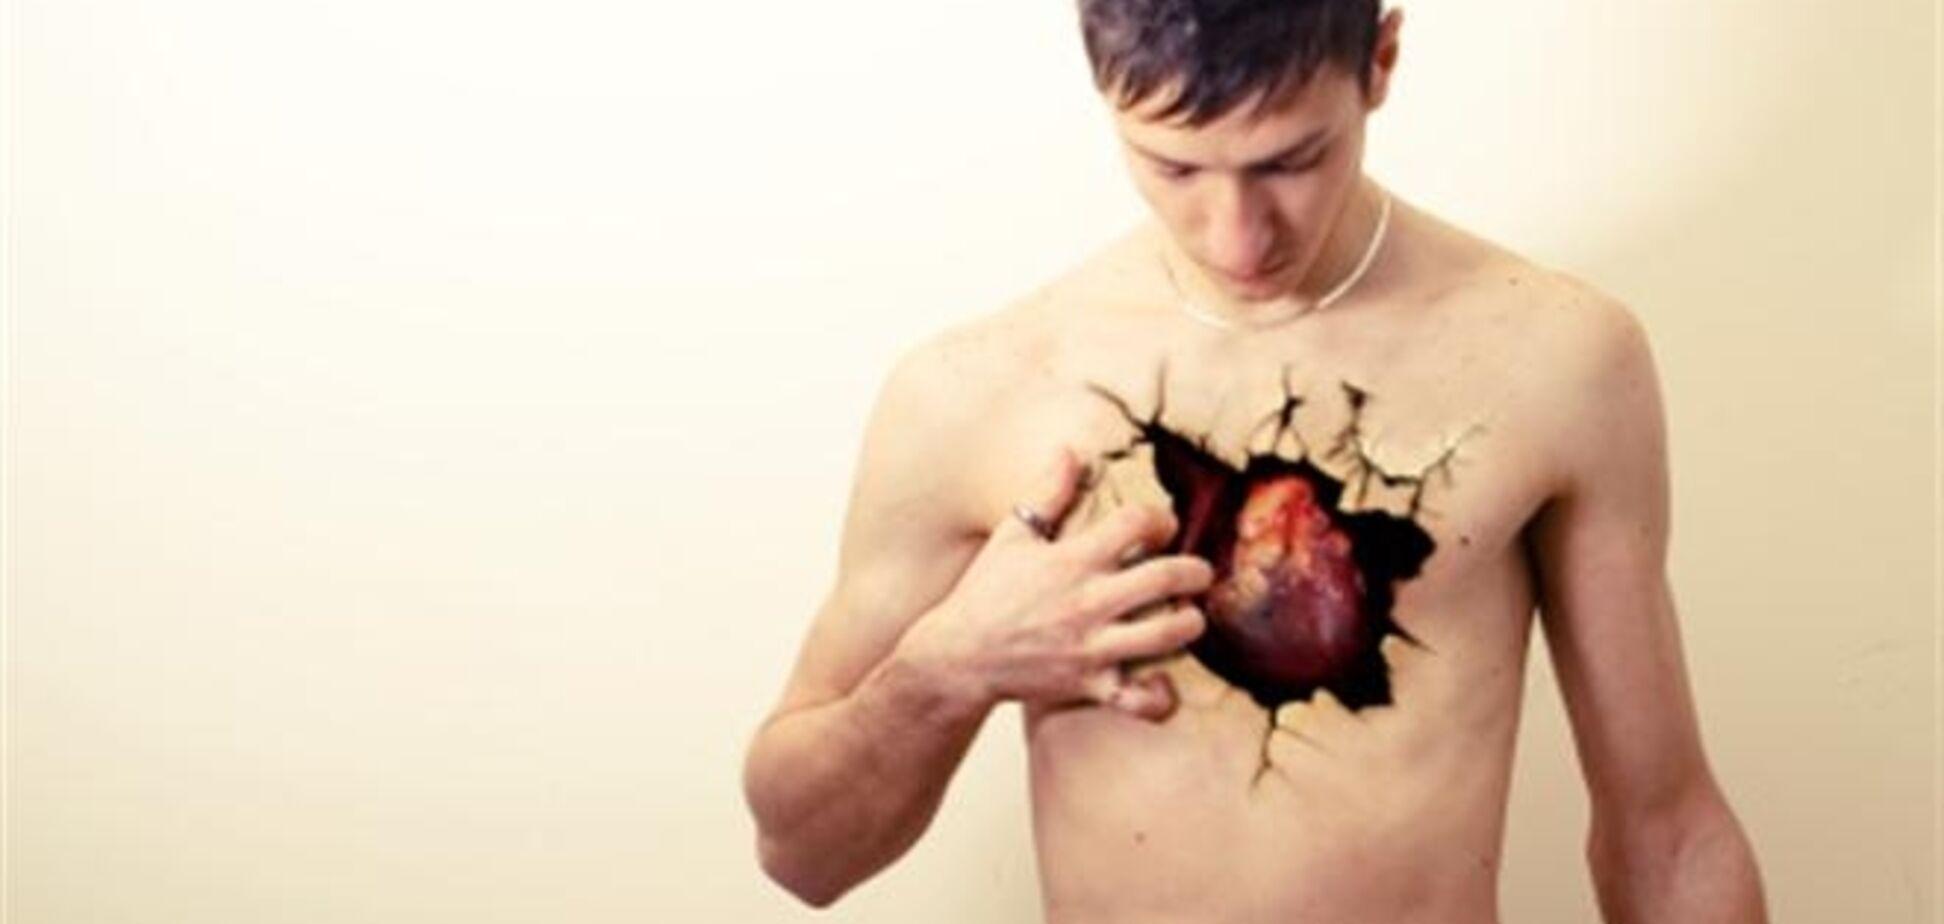 Смертельные симптомы ишемической болезни сердца